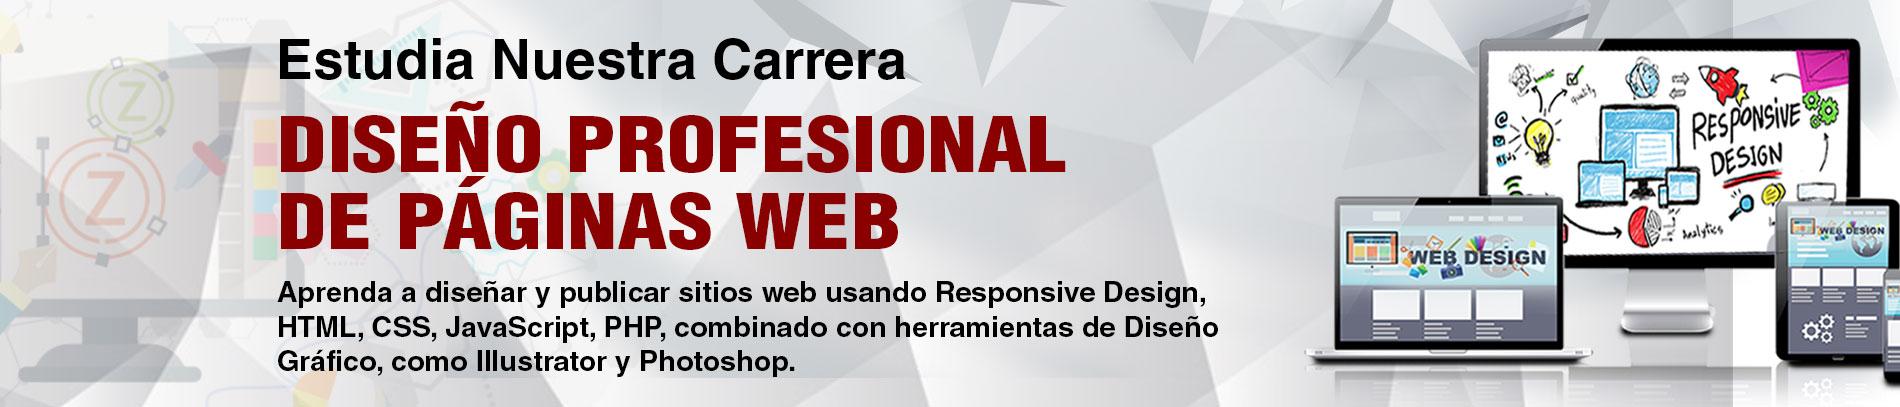 Diseño Profesional de Páginas Web